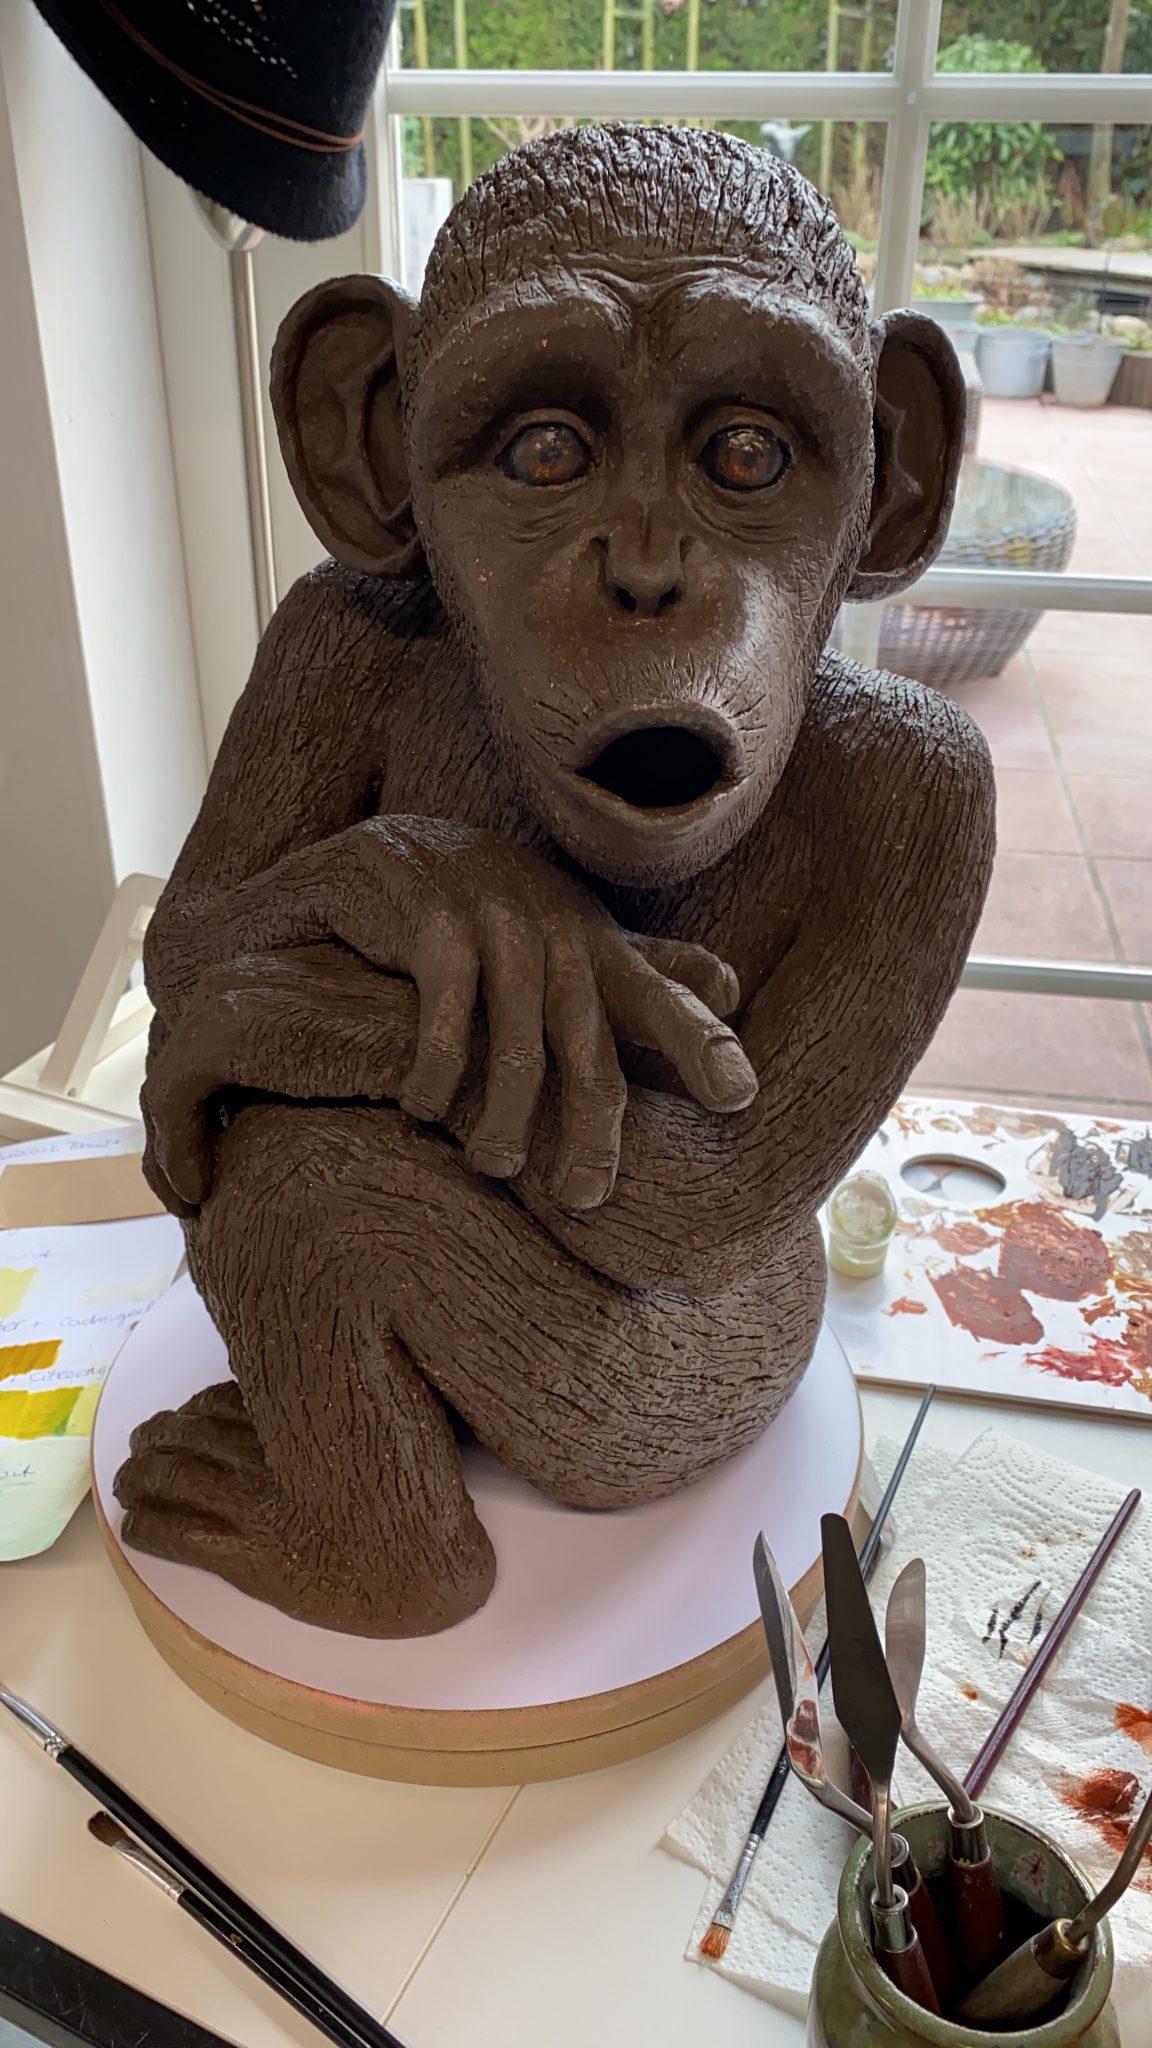 Clay monkey